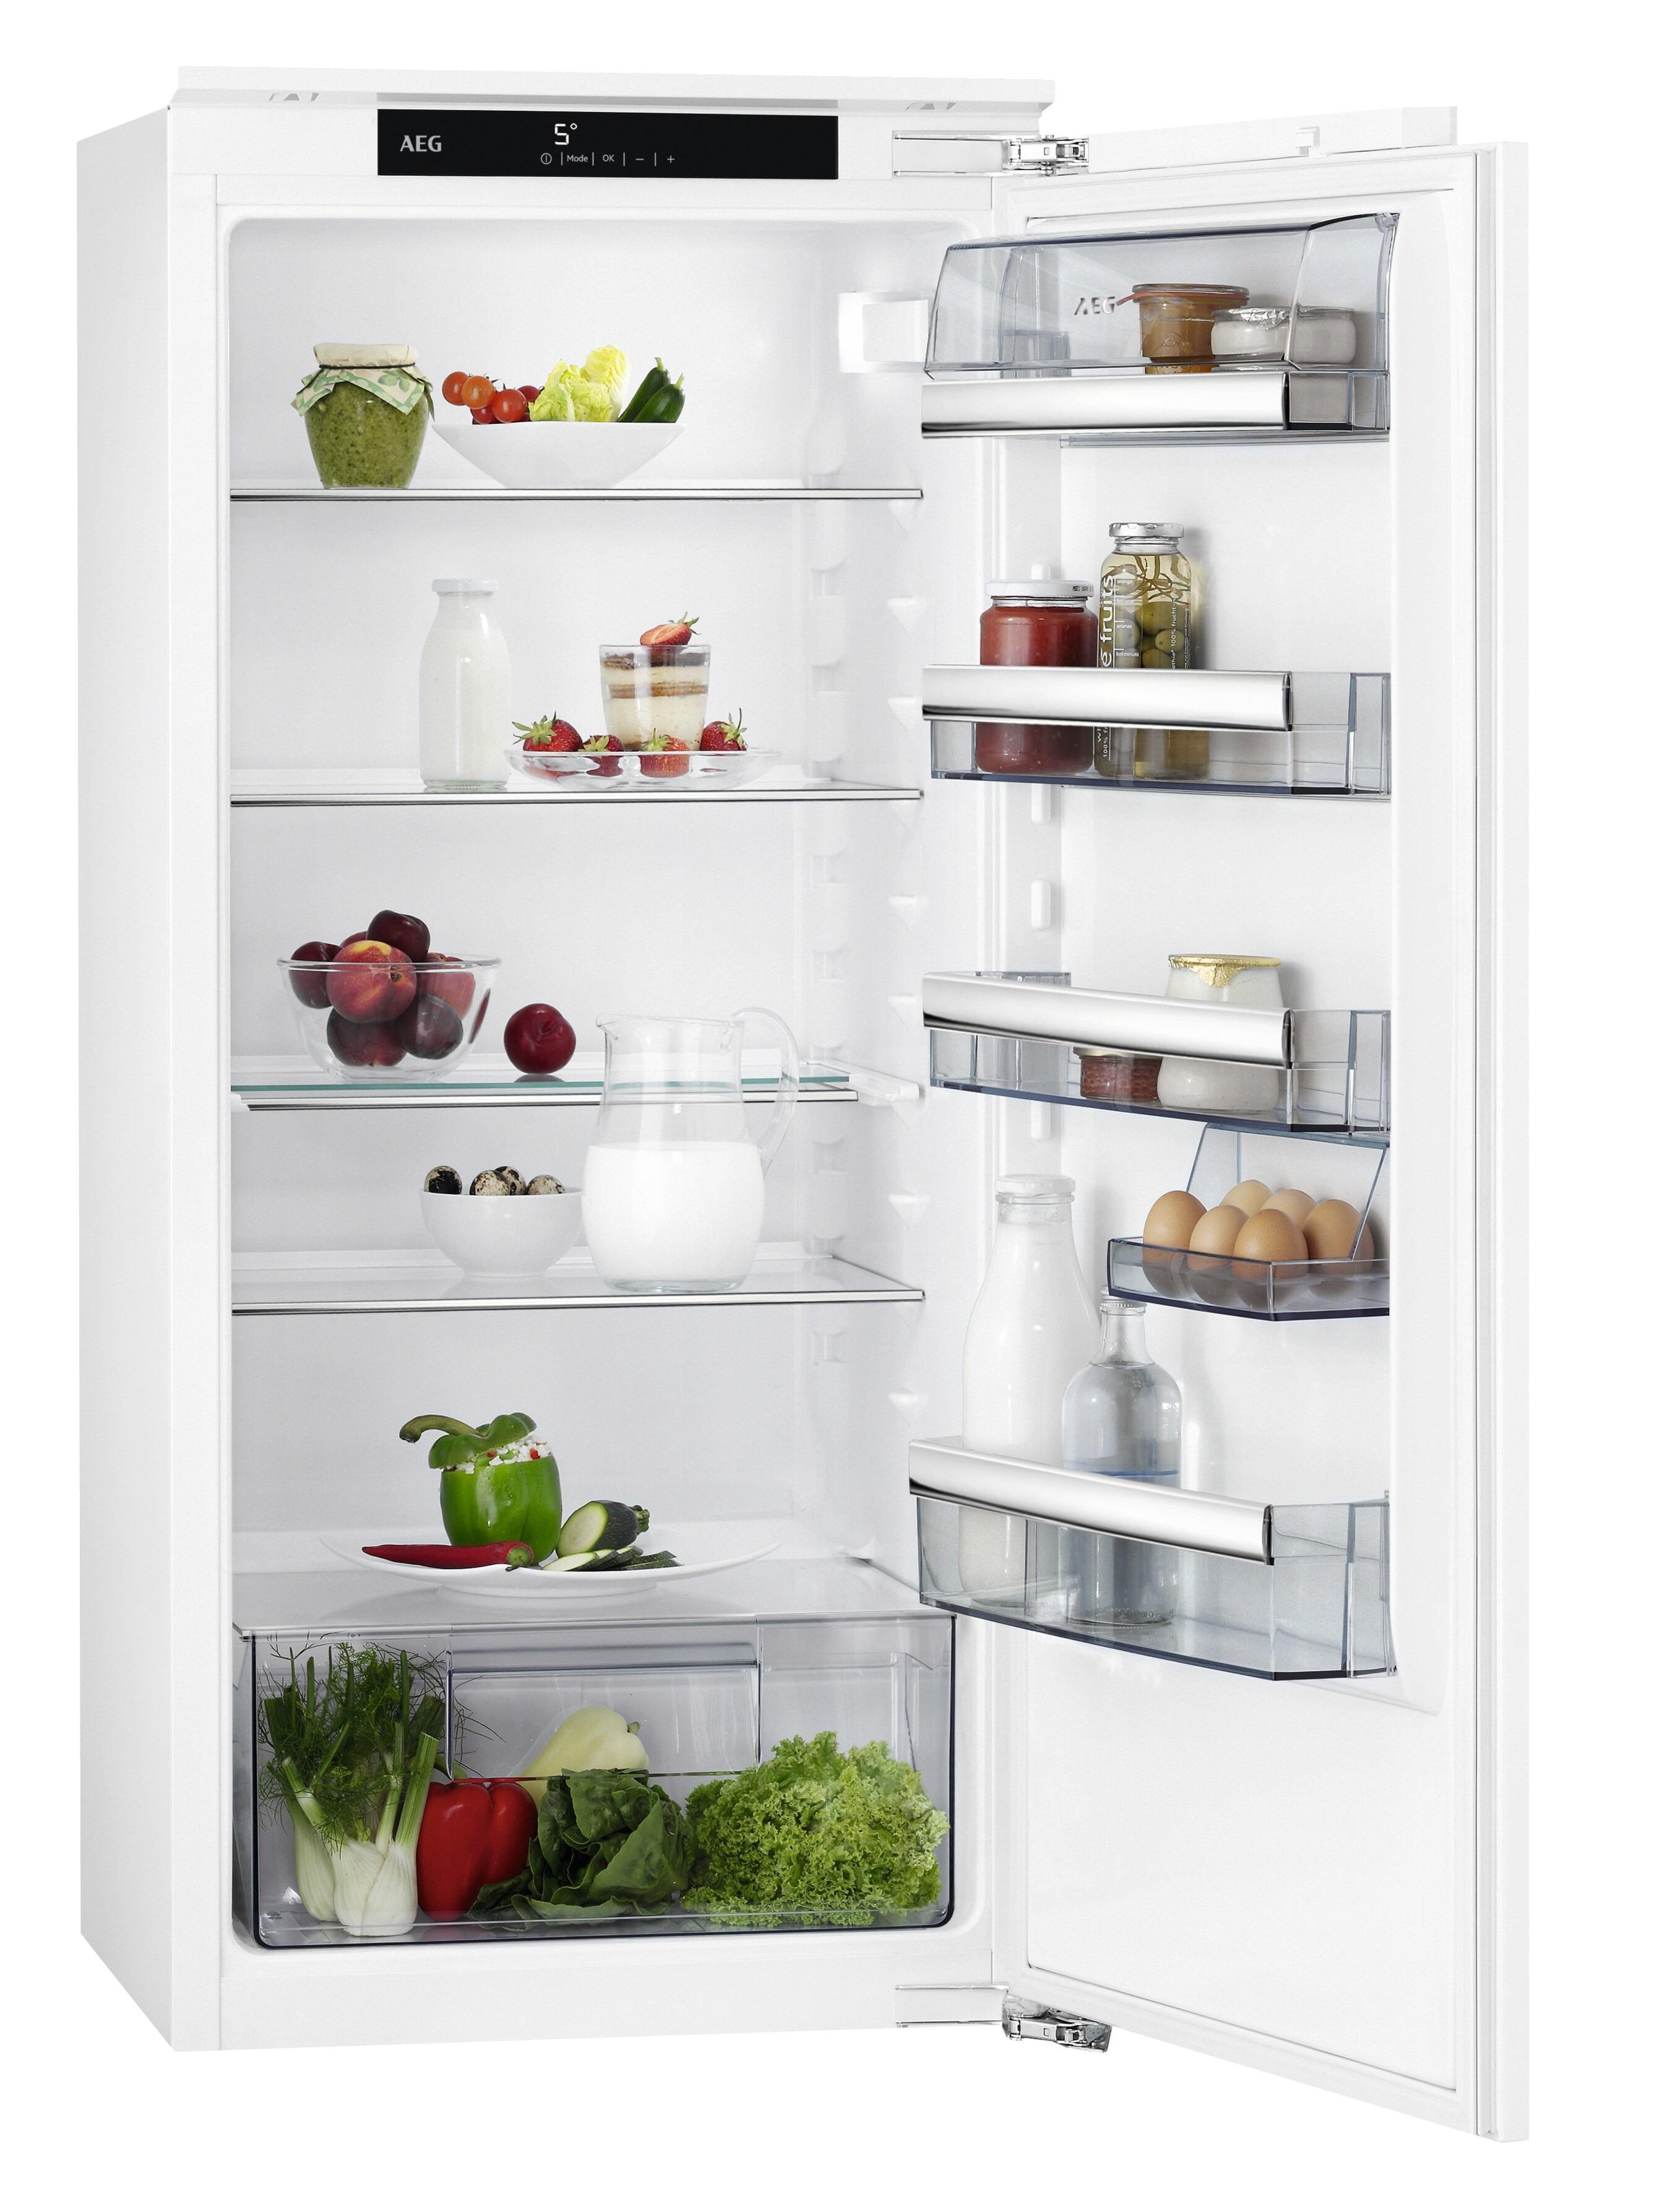 AEG SKB812F1AC Inbouw koelkast kopen